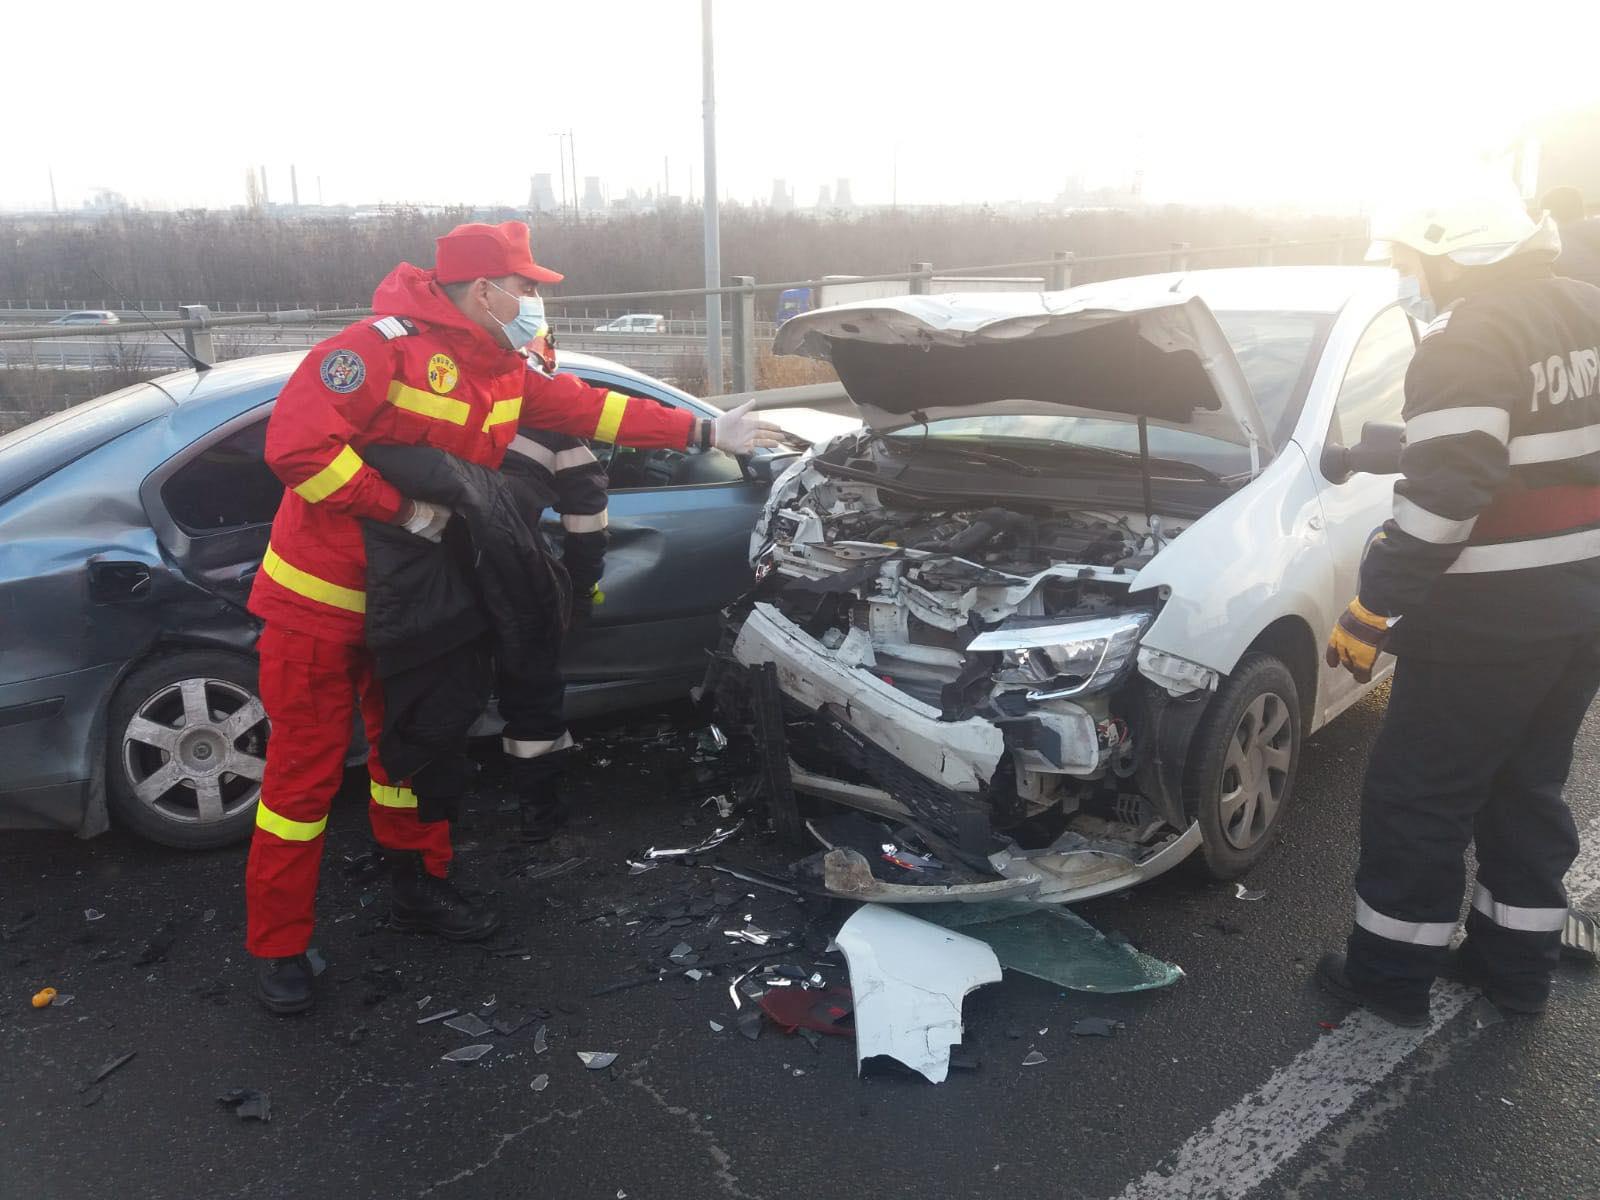 ACUM – Accident cu 3 victime, la ieşirea de pe A1, zona Carrefour, în Piteşti